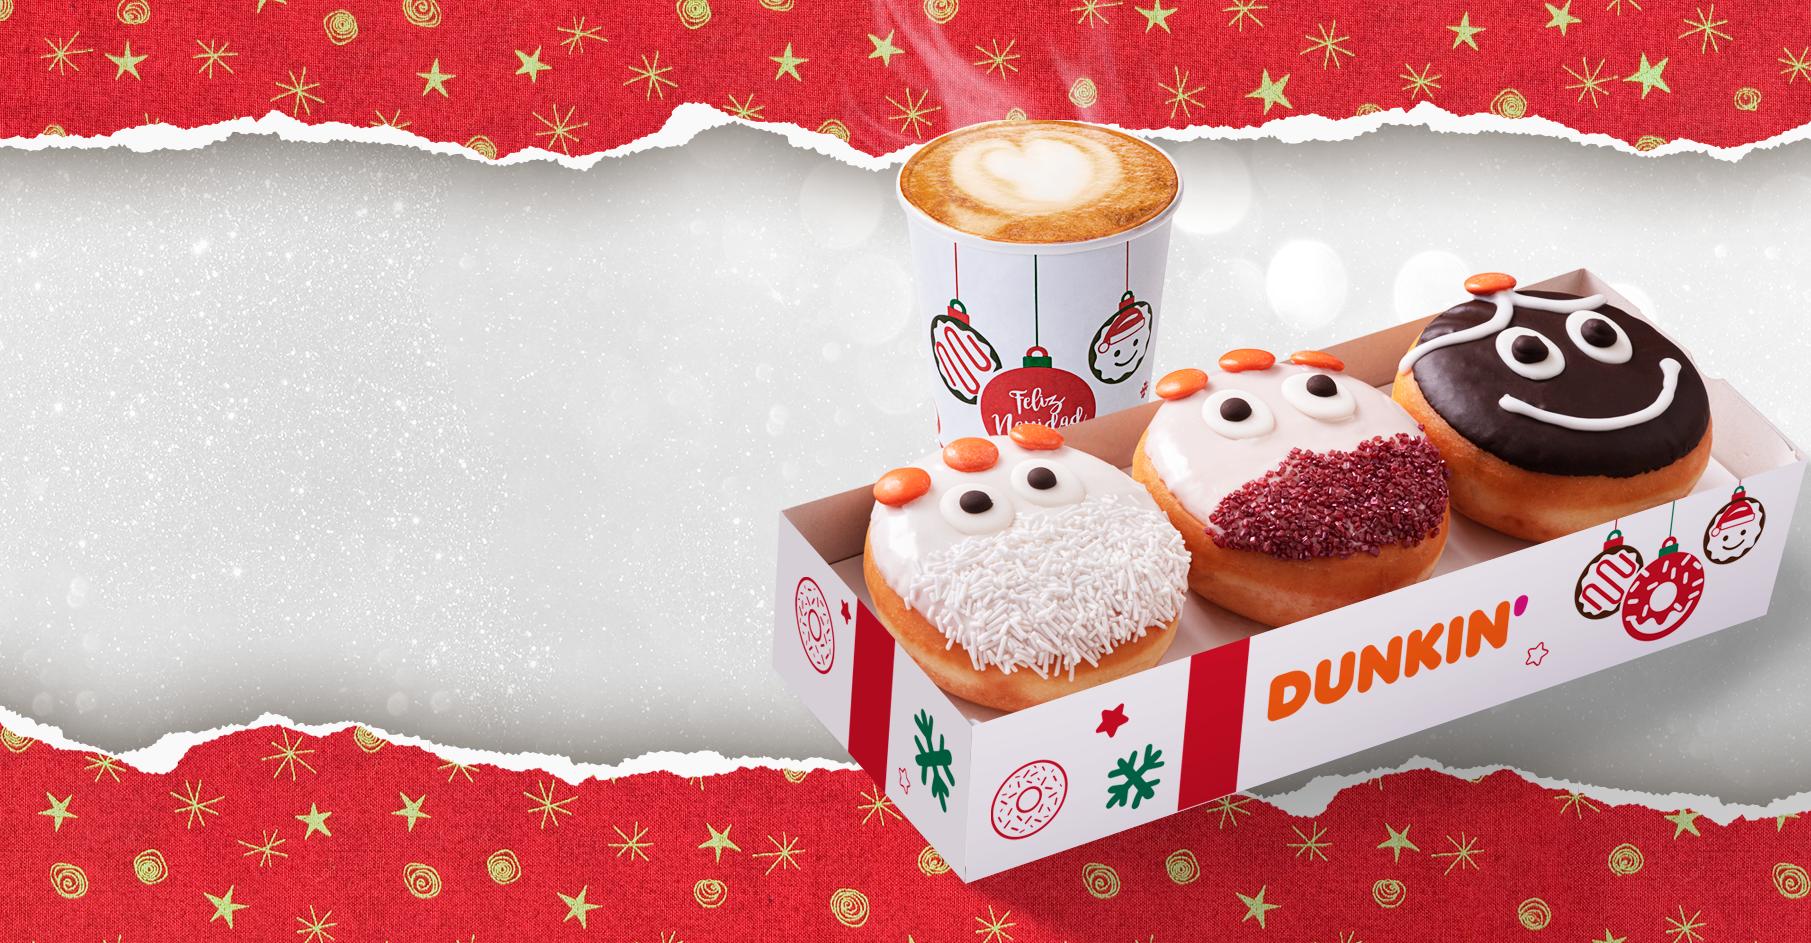 Los Reyes vuelven a Dunkin' de la forma más deliciosa